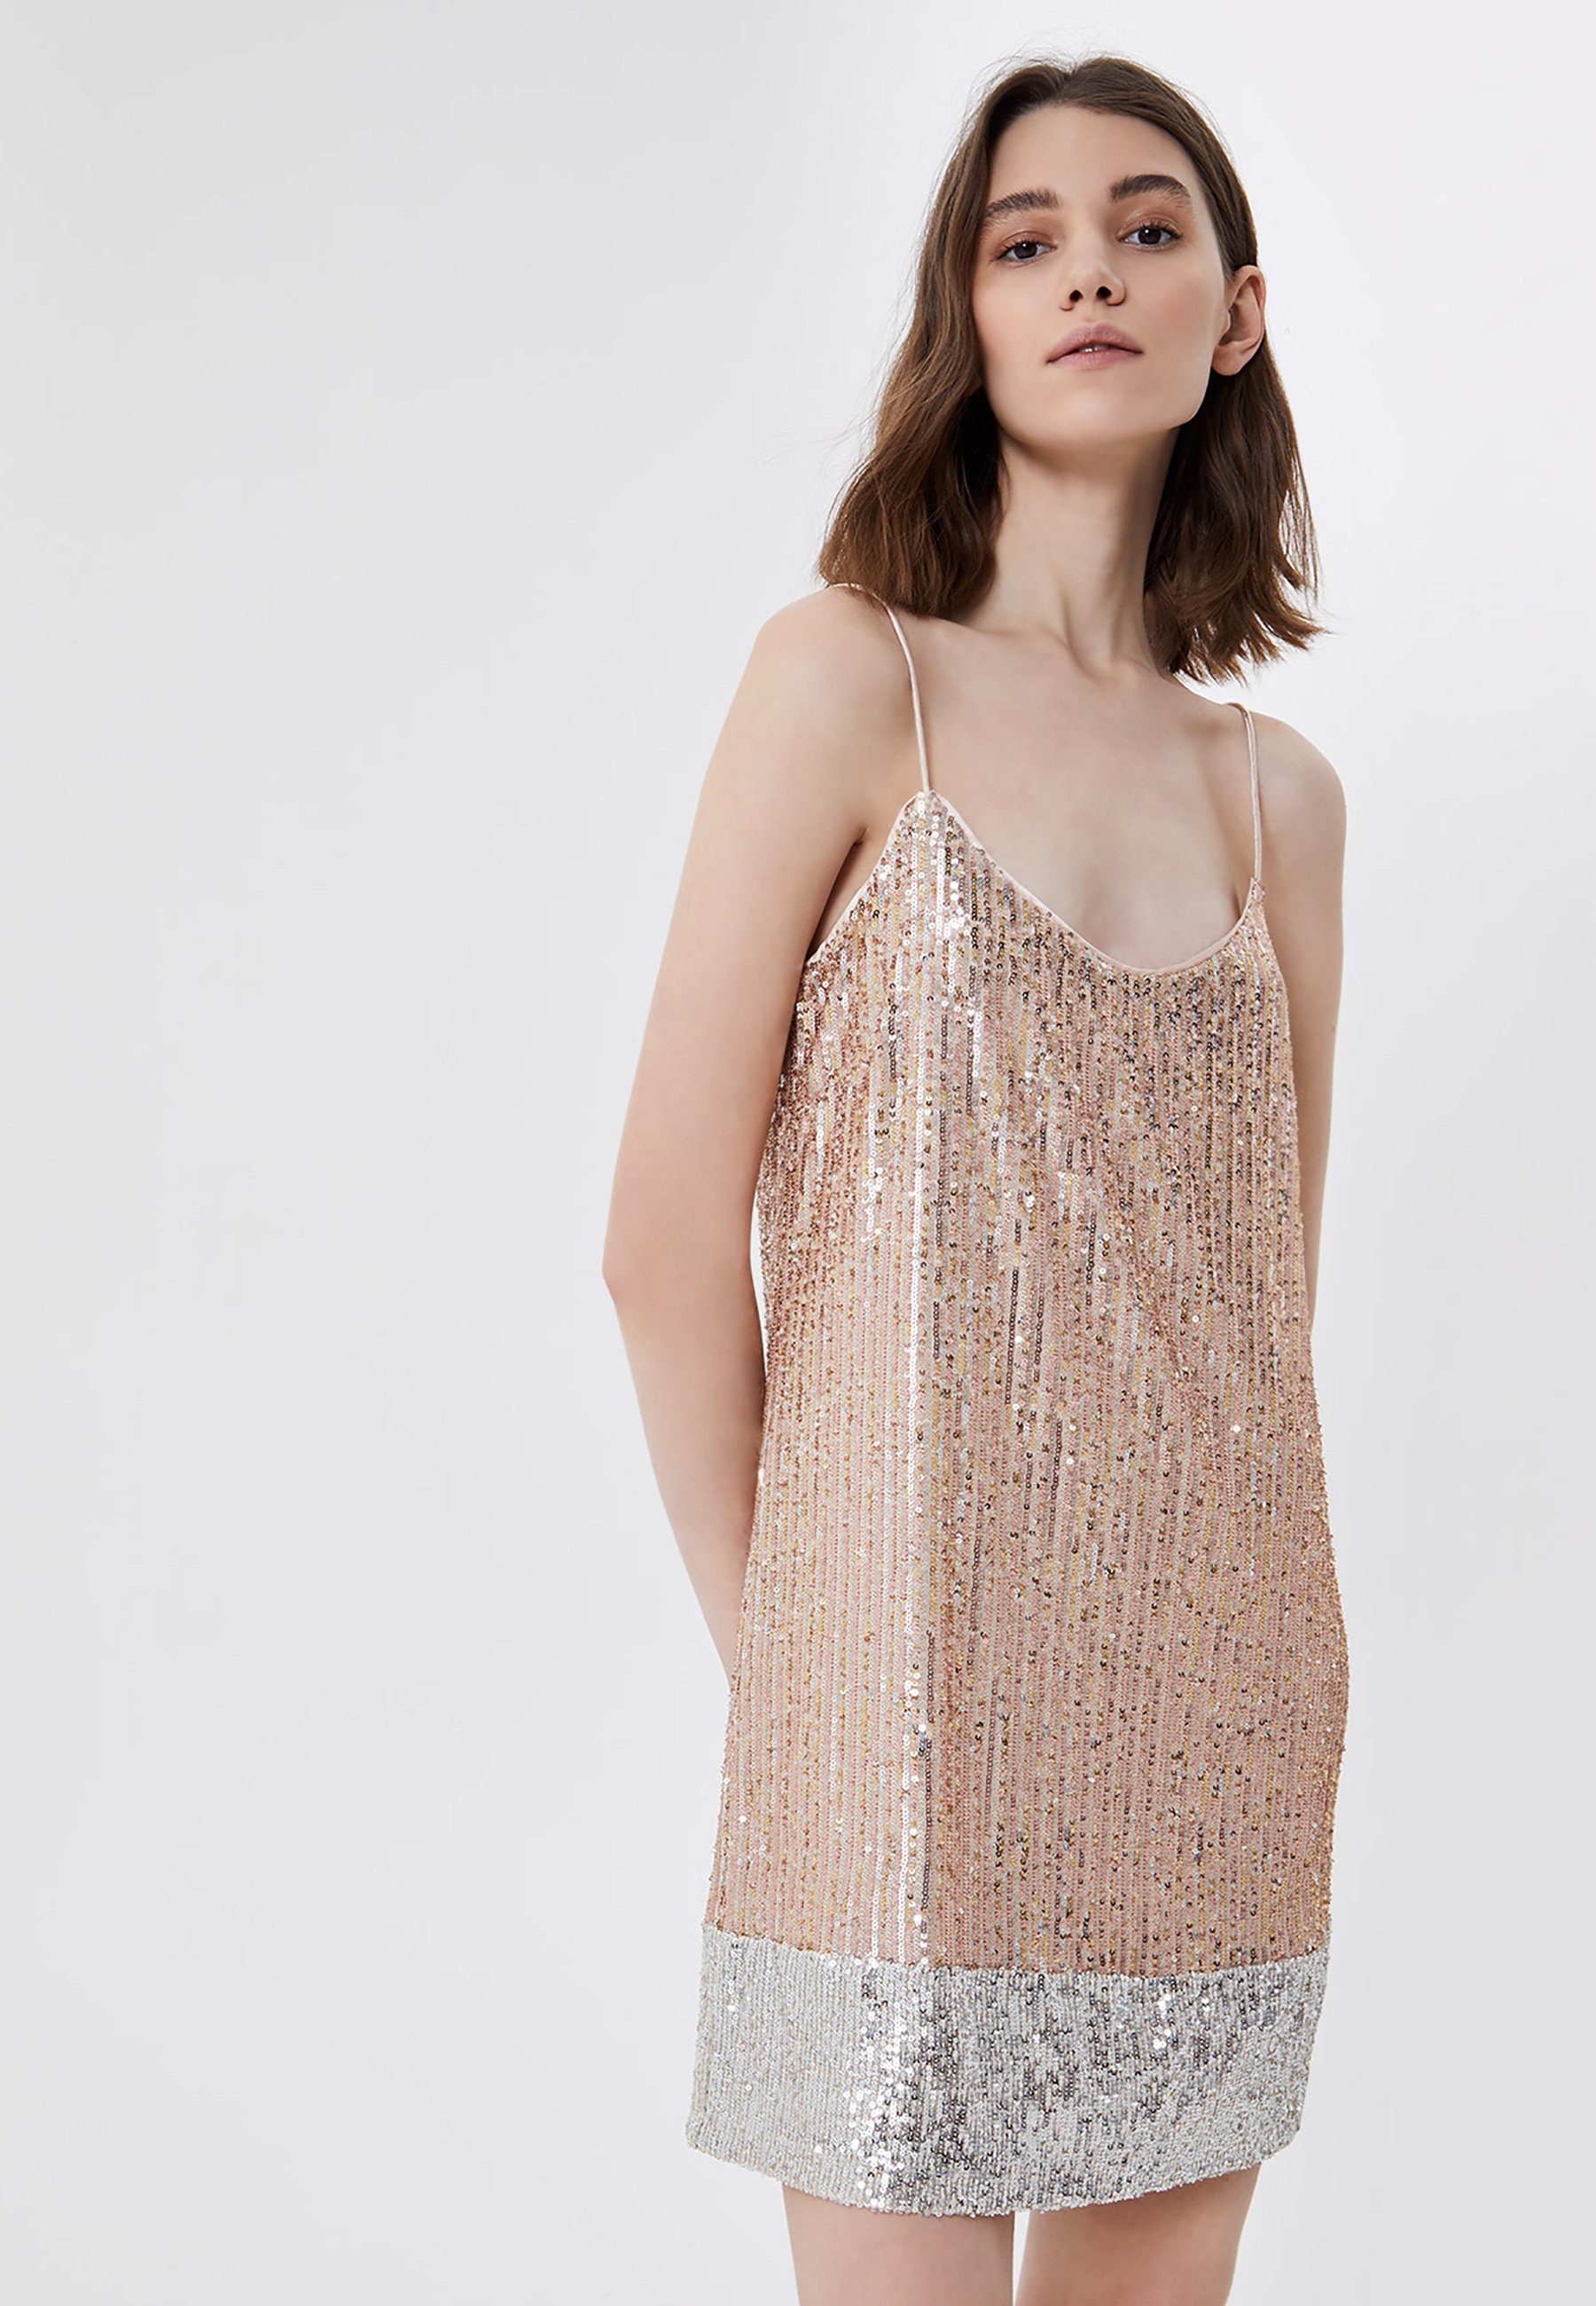 Liu Jo Short Sequin Cocktailkleid Festliches Kleid Pink Beige Zalando De